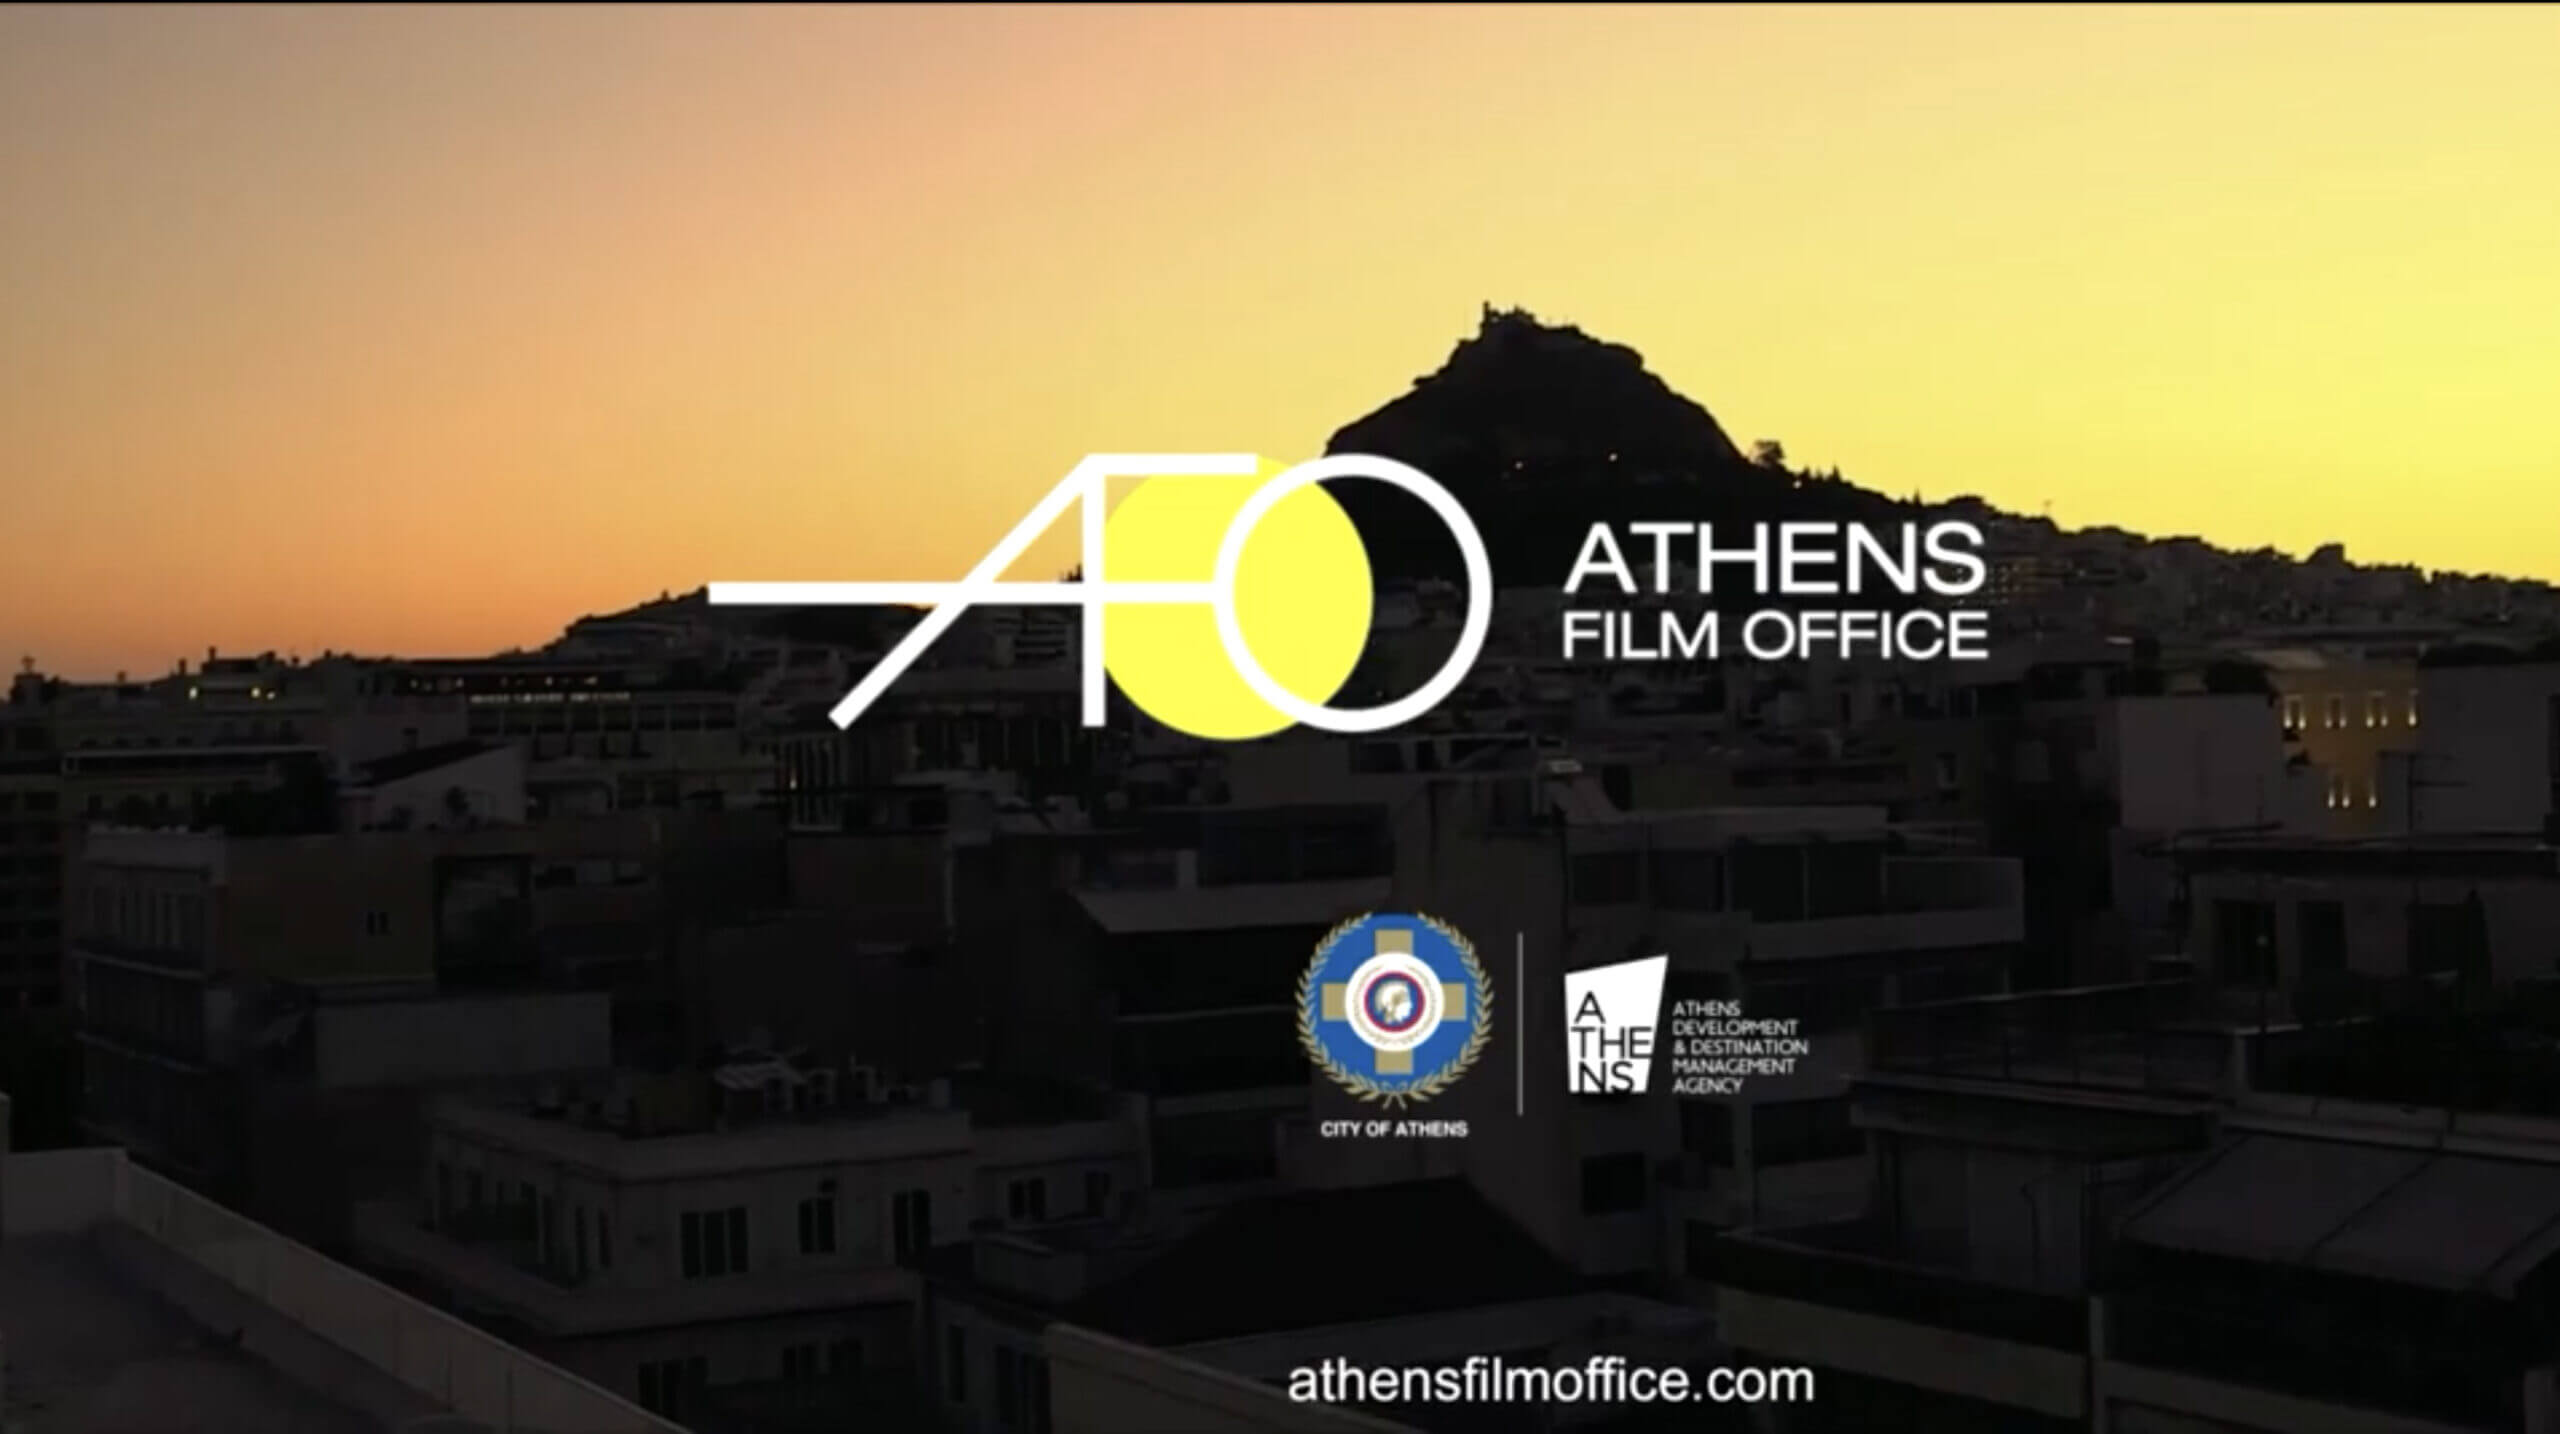 Στρατηγική συνεργασία του Athens Film Office του Δήμου Αθηναίων με το Ελληνικό Κέντρο Κινηματογράφου